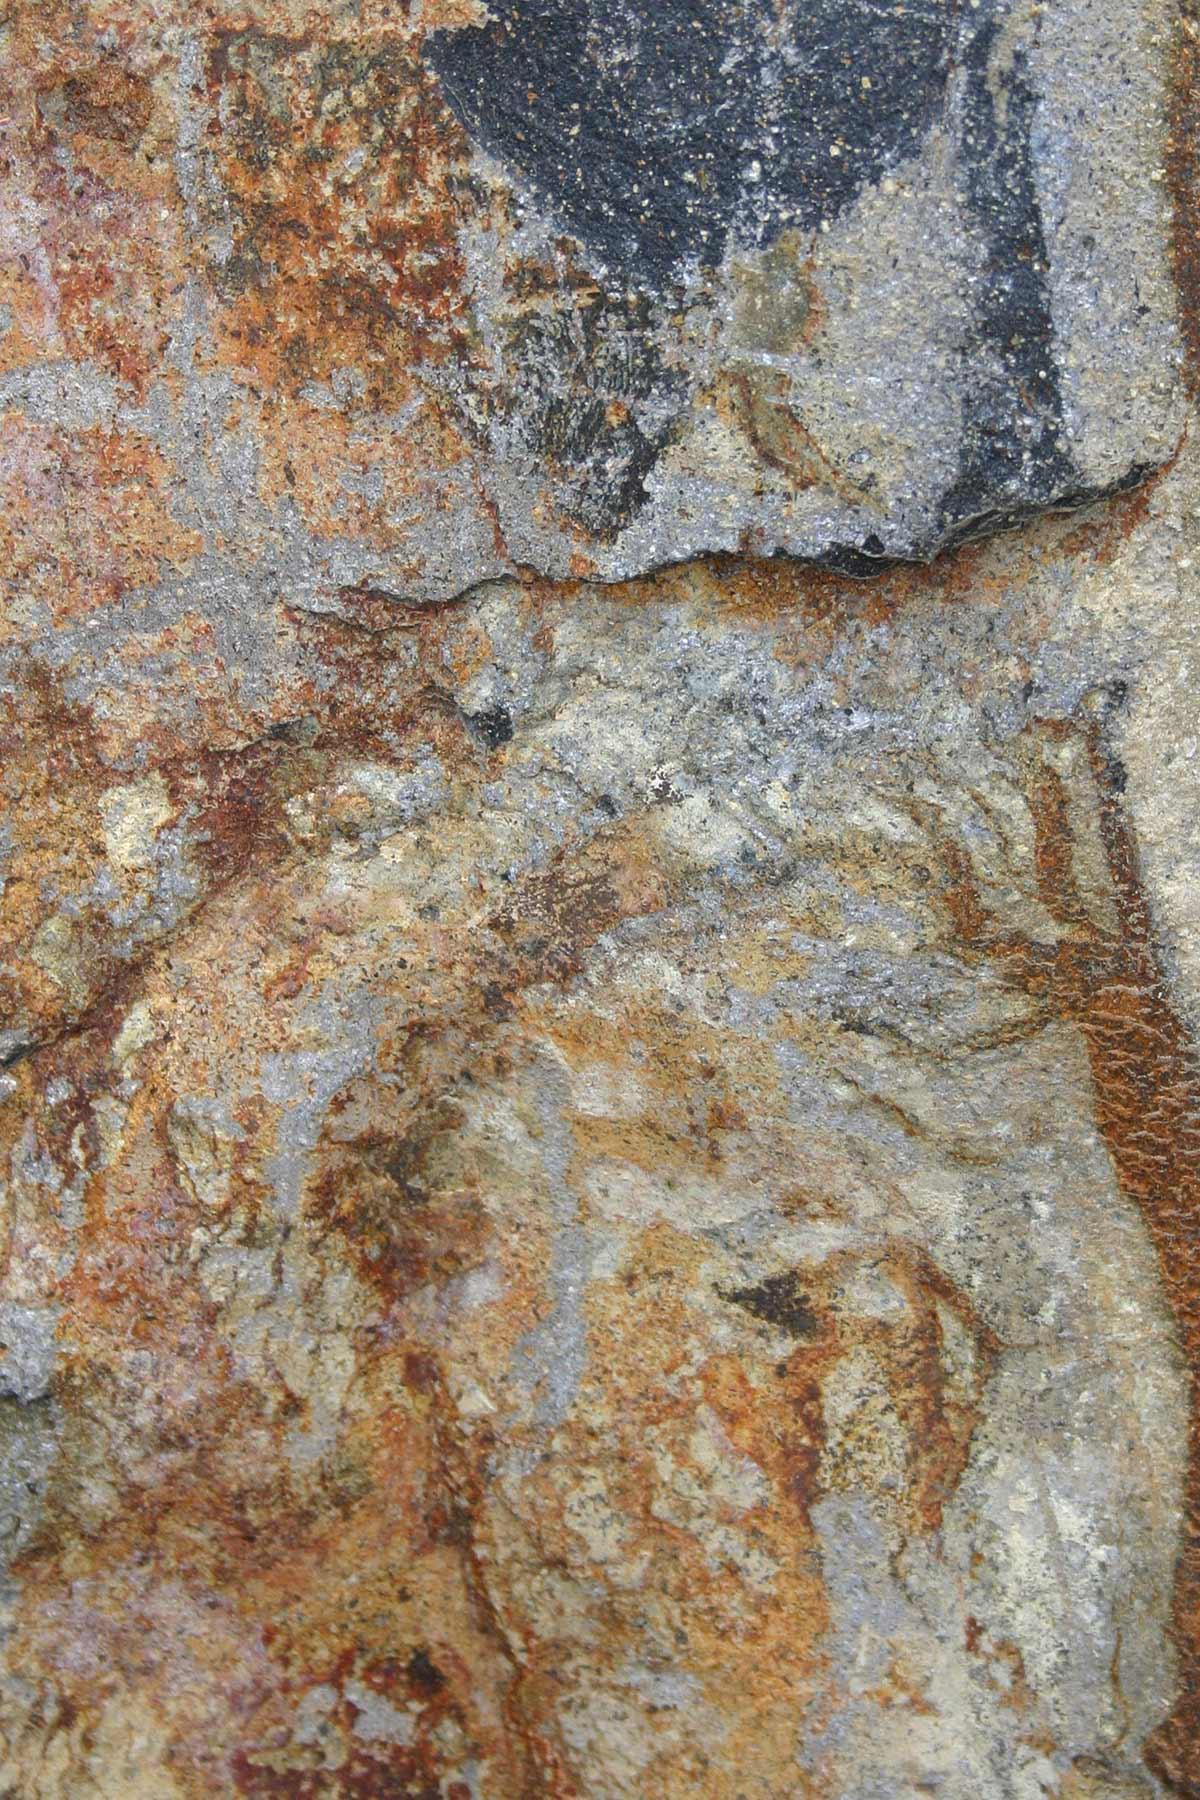 Basalt gespalten